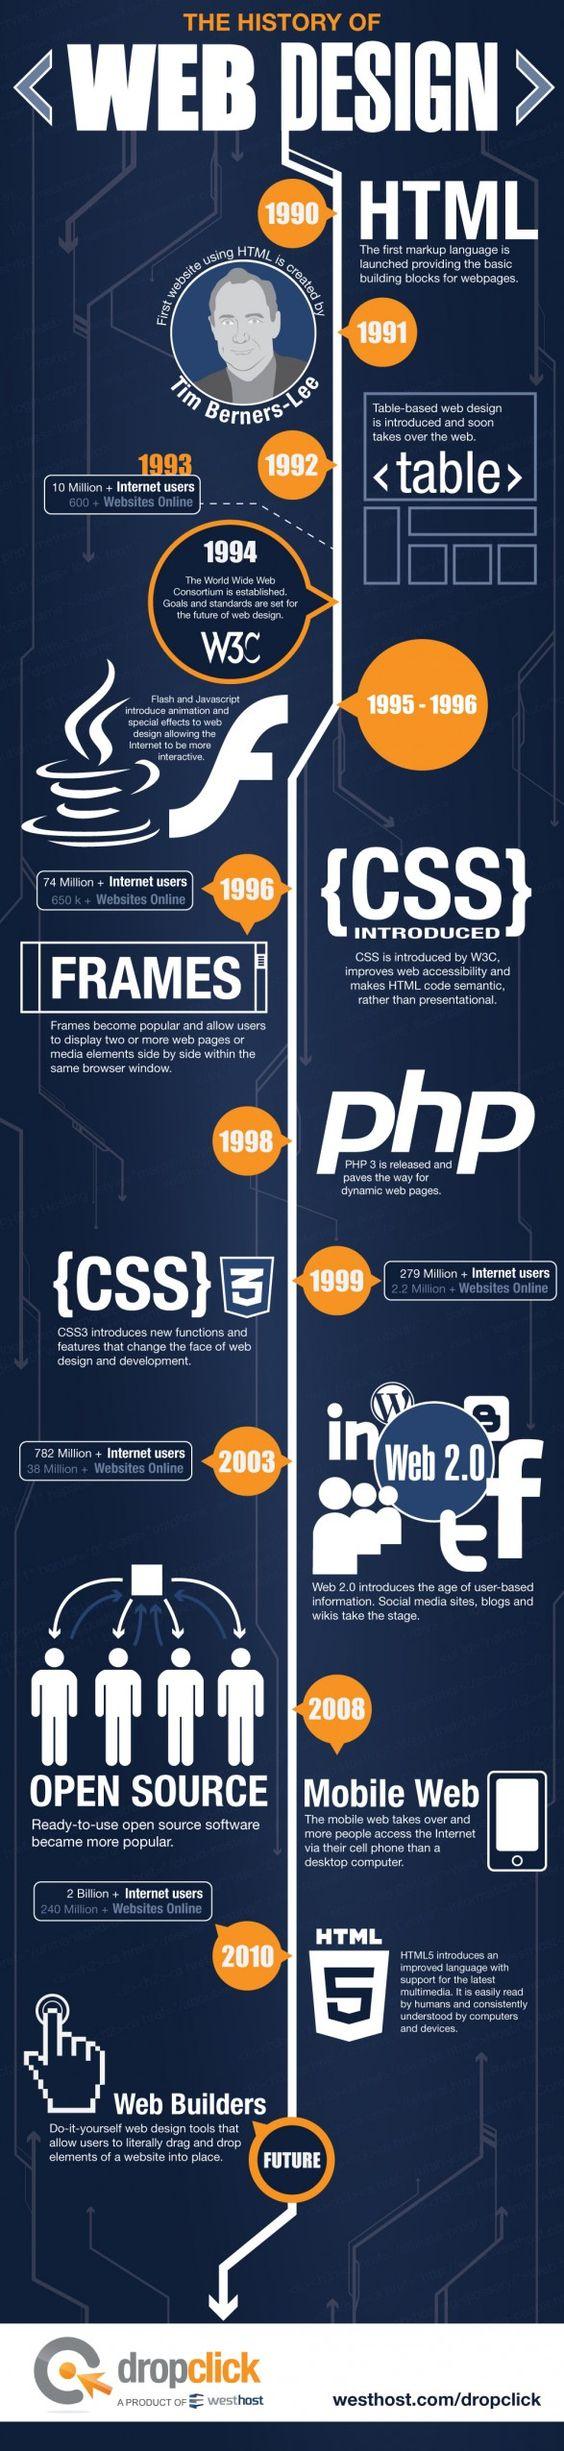 Eine kleine aber sehr anschauliche Infografik über die Geschichte vom Web Design